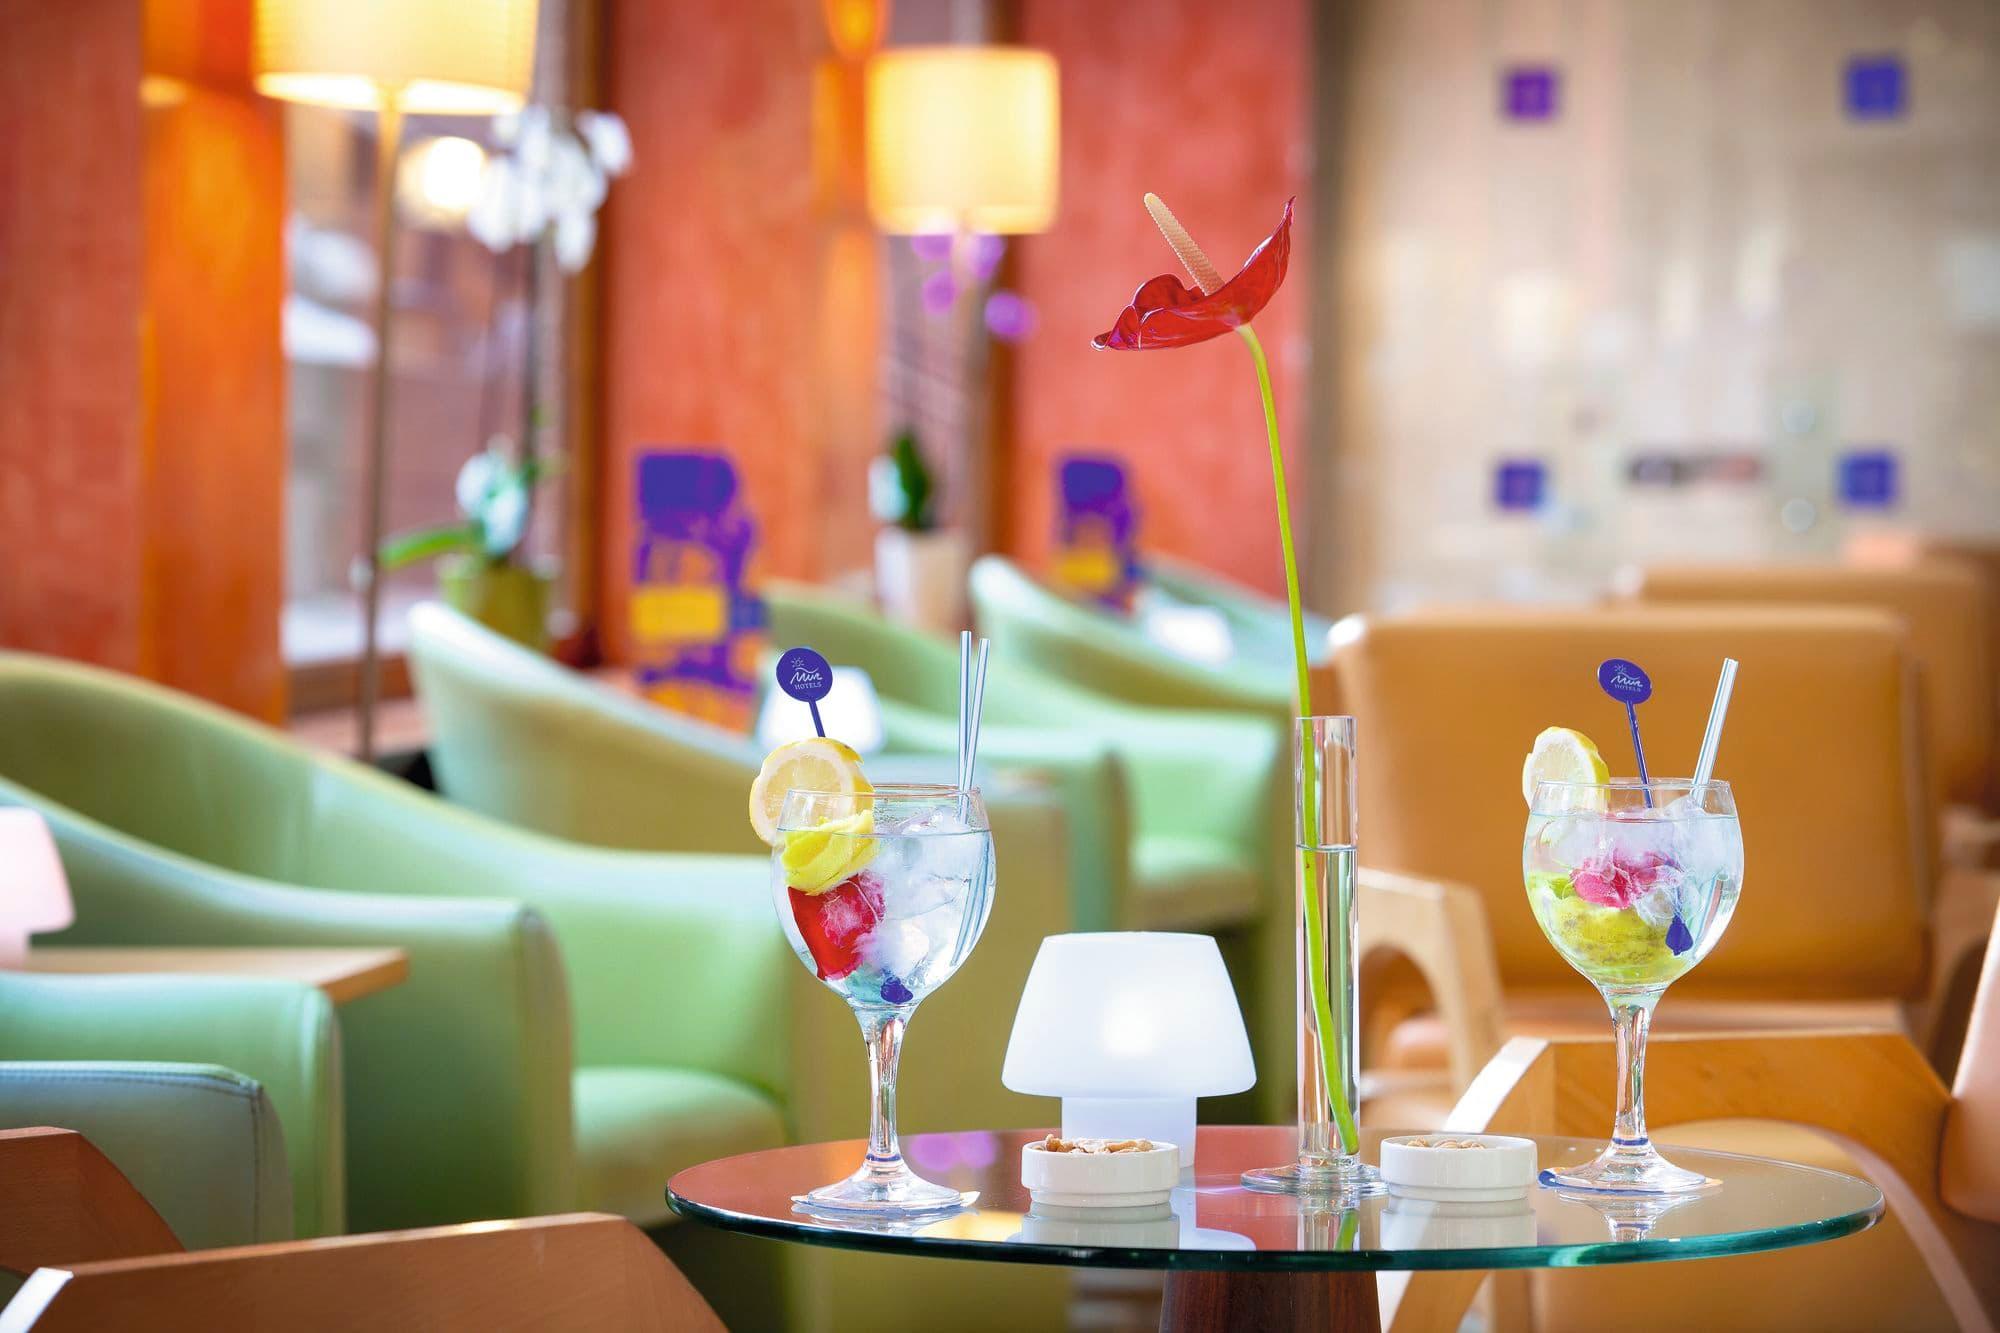 Mur Hotel Neptuno Cheap Holidays To Mur Hotel Neptuno Playa Del